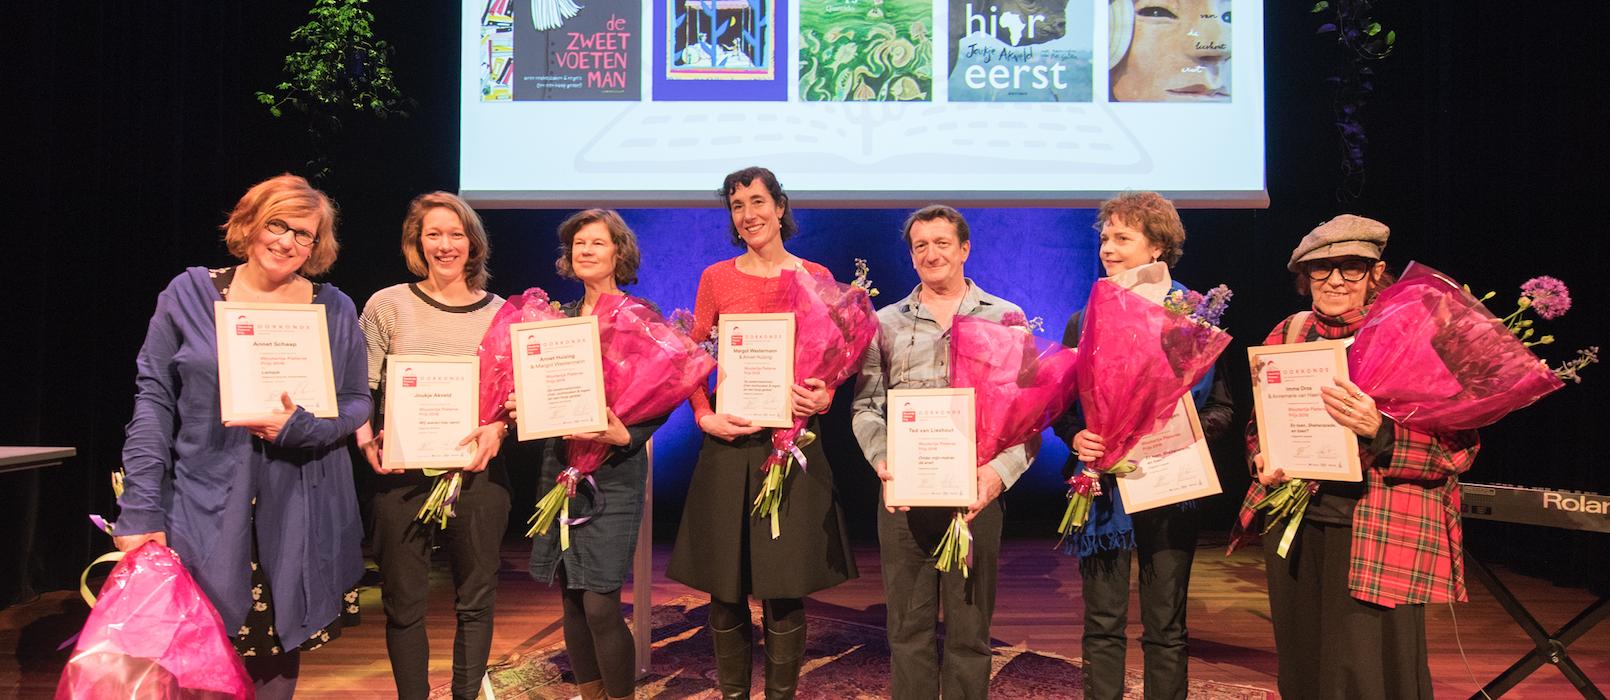 Woutertje Pieterse Prijs 2018 voor 'Lampje' van Annet Schaap